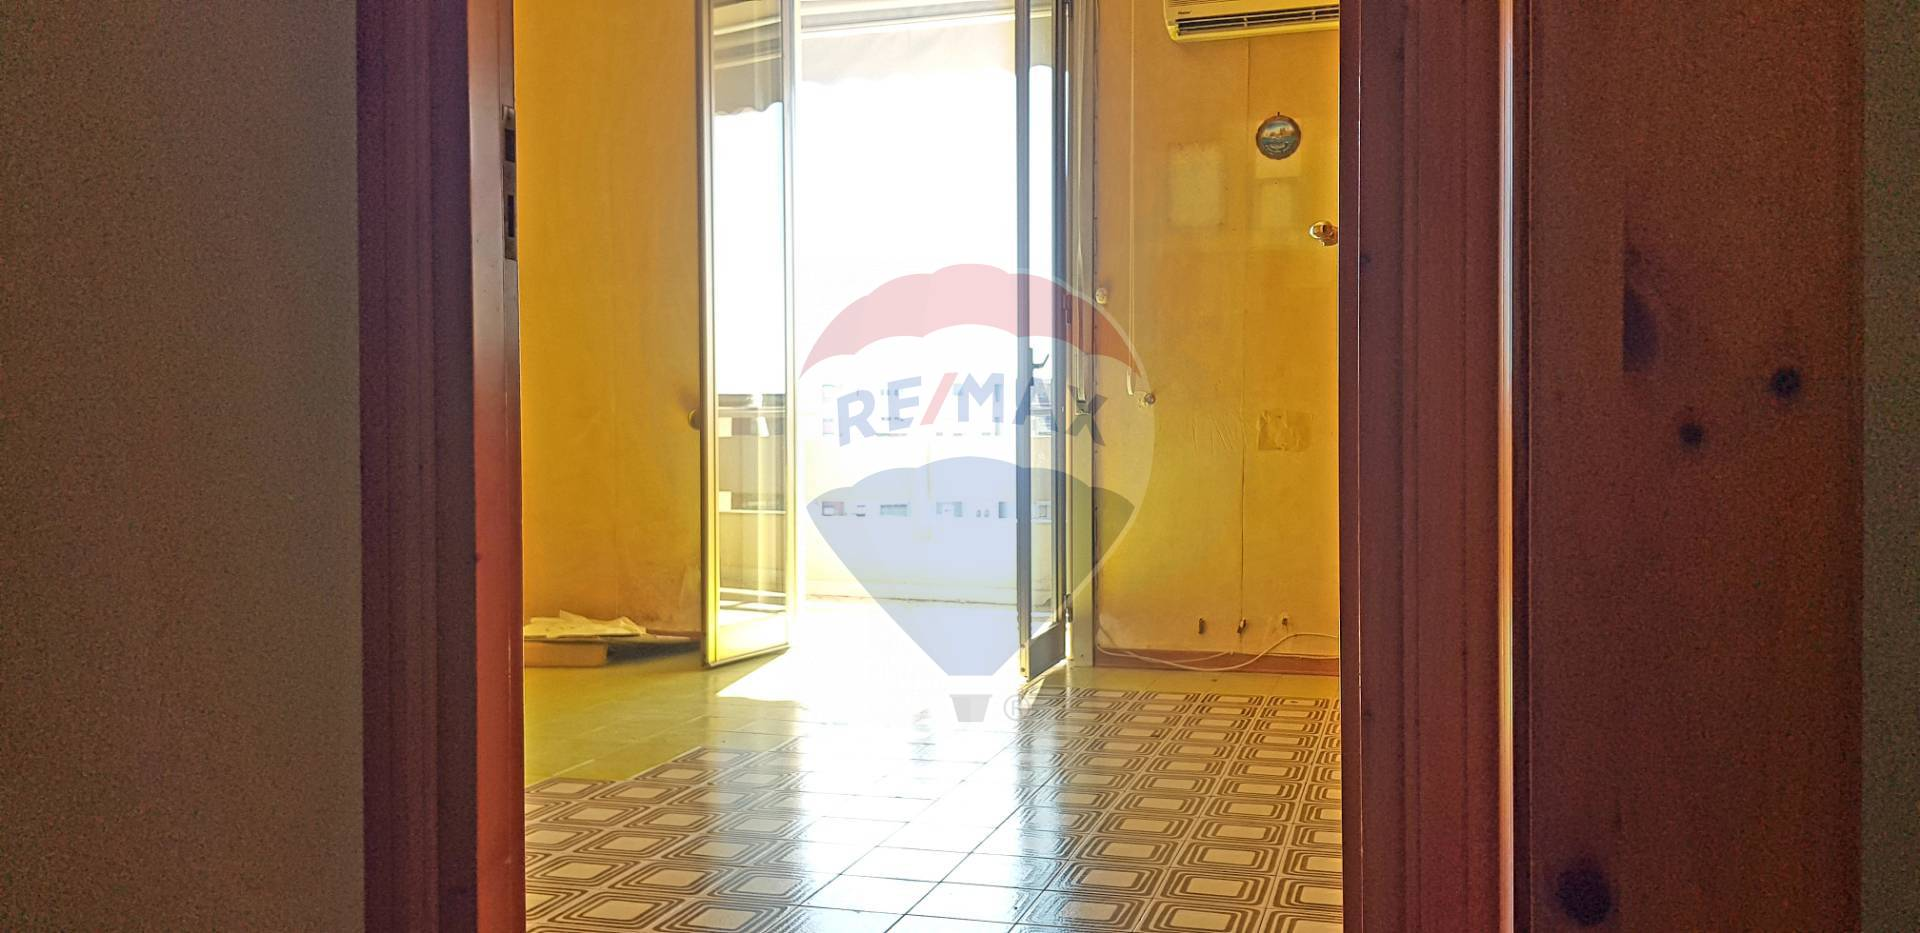 Appartamento CATANIA vendita  Catania-san Giorgio,librino,monte Po,pigno,zia Lis  RE/MAX Casa Trend